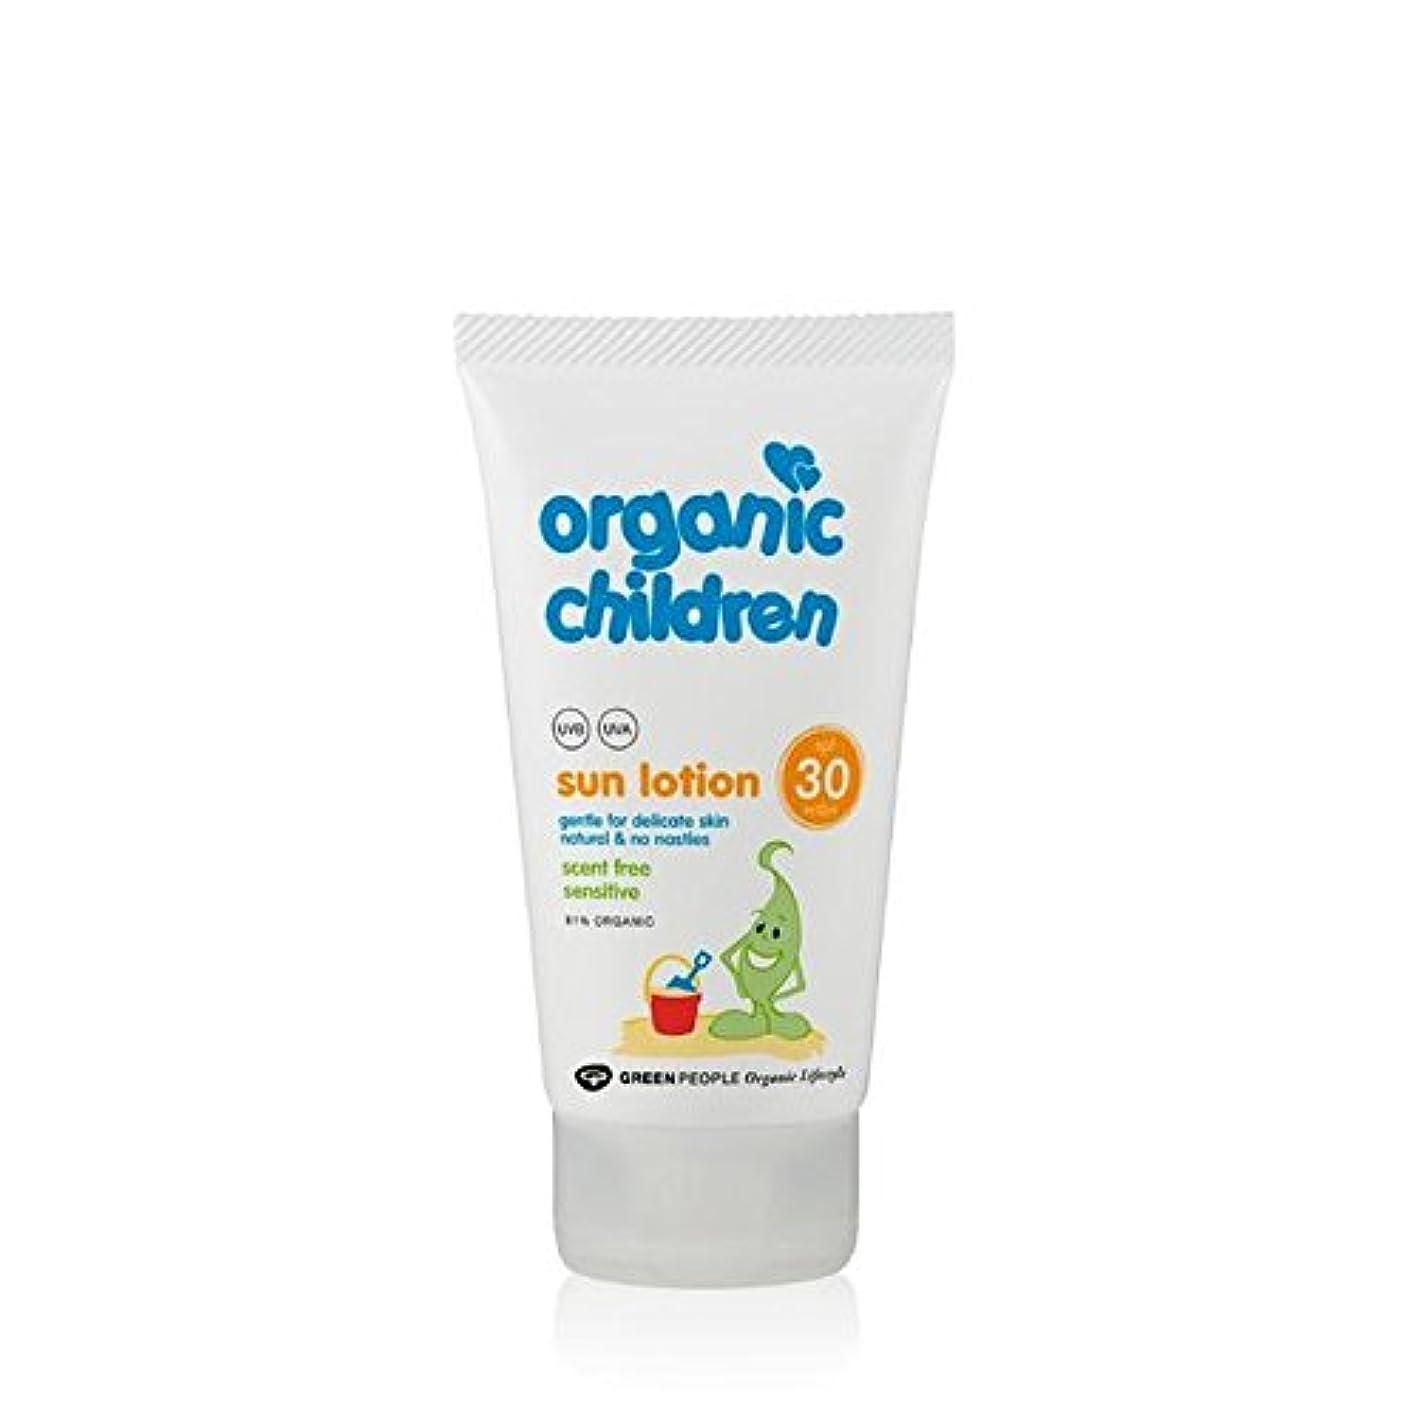 取るに足らない嫌な経済有機子ども30の香り無料のサンローション150 x2 - Organic Children SPF30 Scent Free Sun Lotion 150ml (Pack of 2) [並行輸入品]